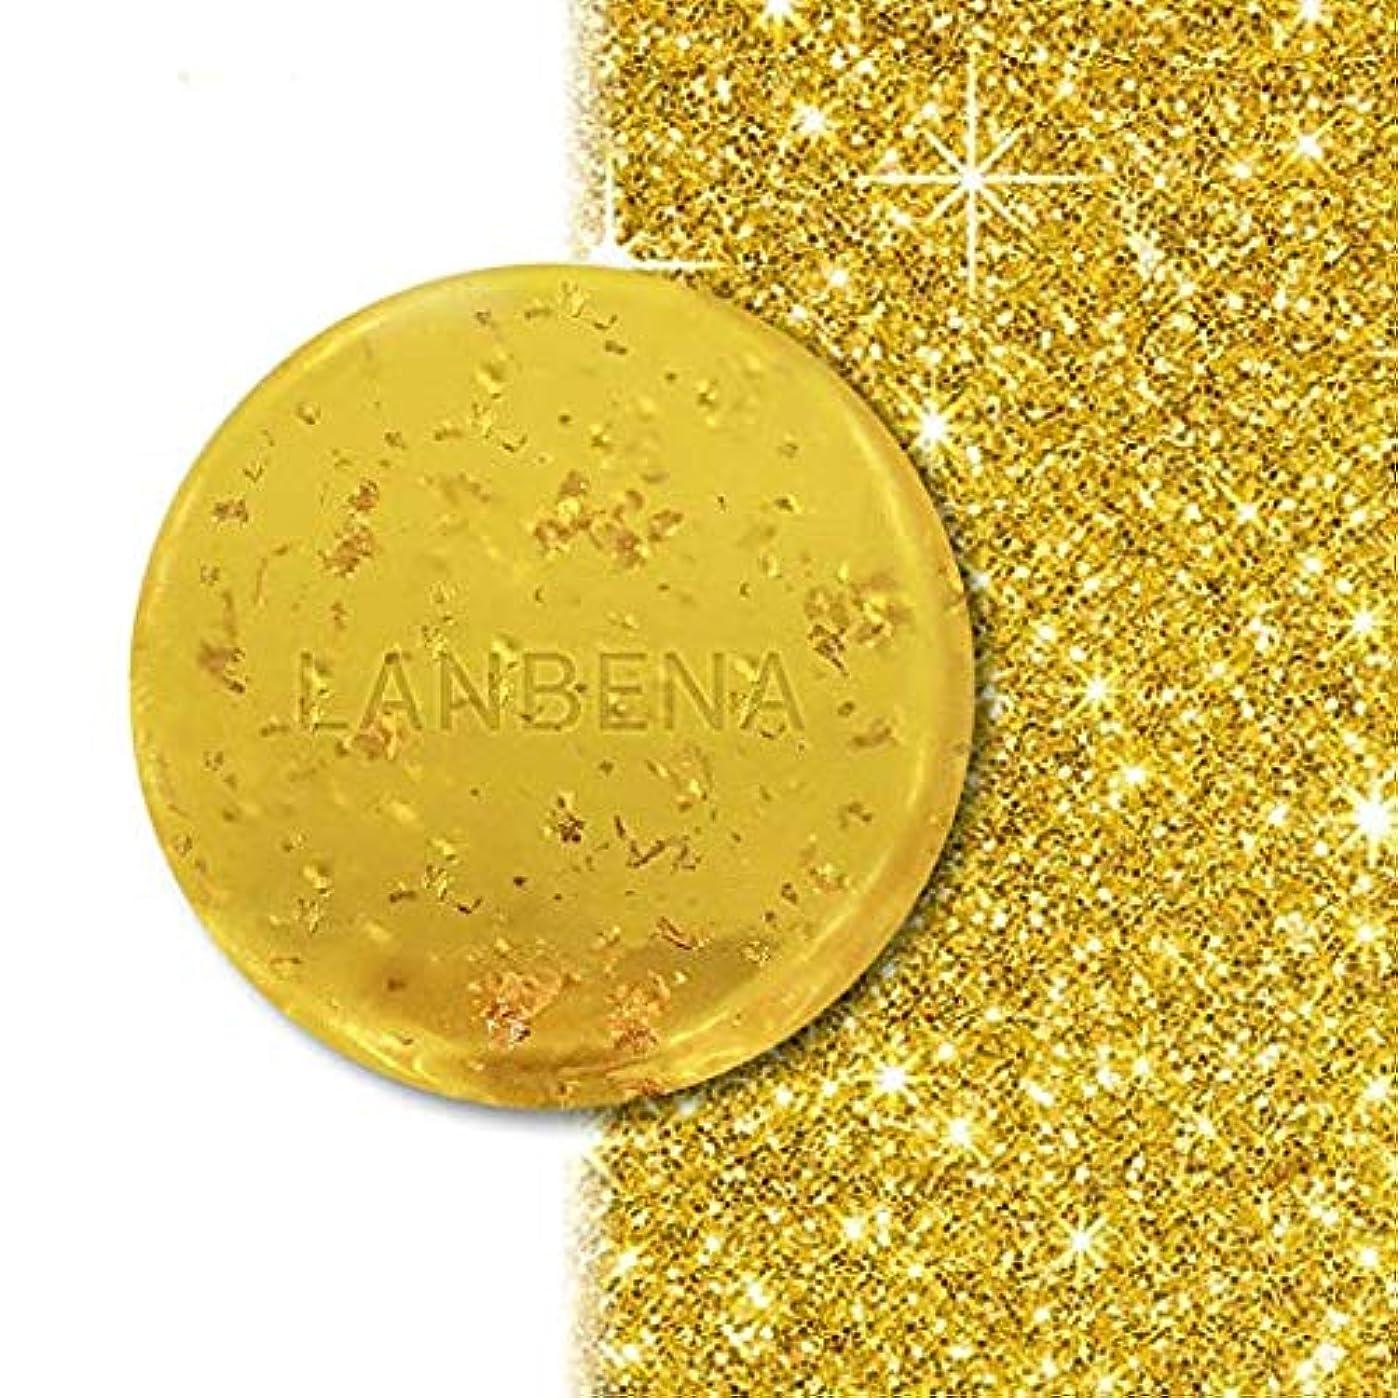 打撃にじみ出る文明24Kゴールドハンドメイドハーブソープ海藻ディープクレンジングモイスチャライジング肌の美白、しわの発生を最小限に抑える、肌の色合いを引き締める、健康なシャンプー、ファインラインフェイスケア24K Gold Handmade...